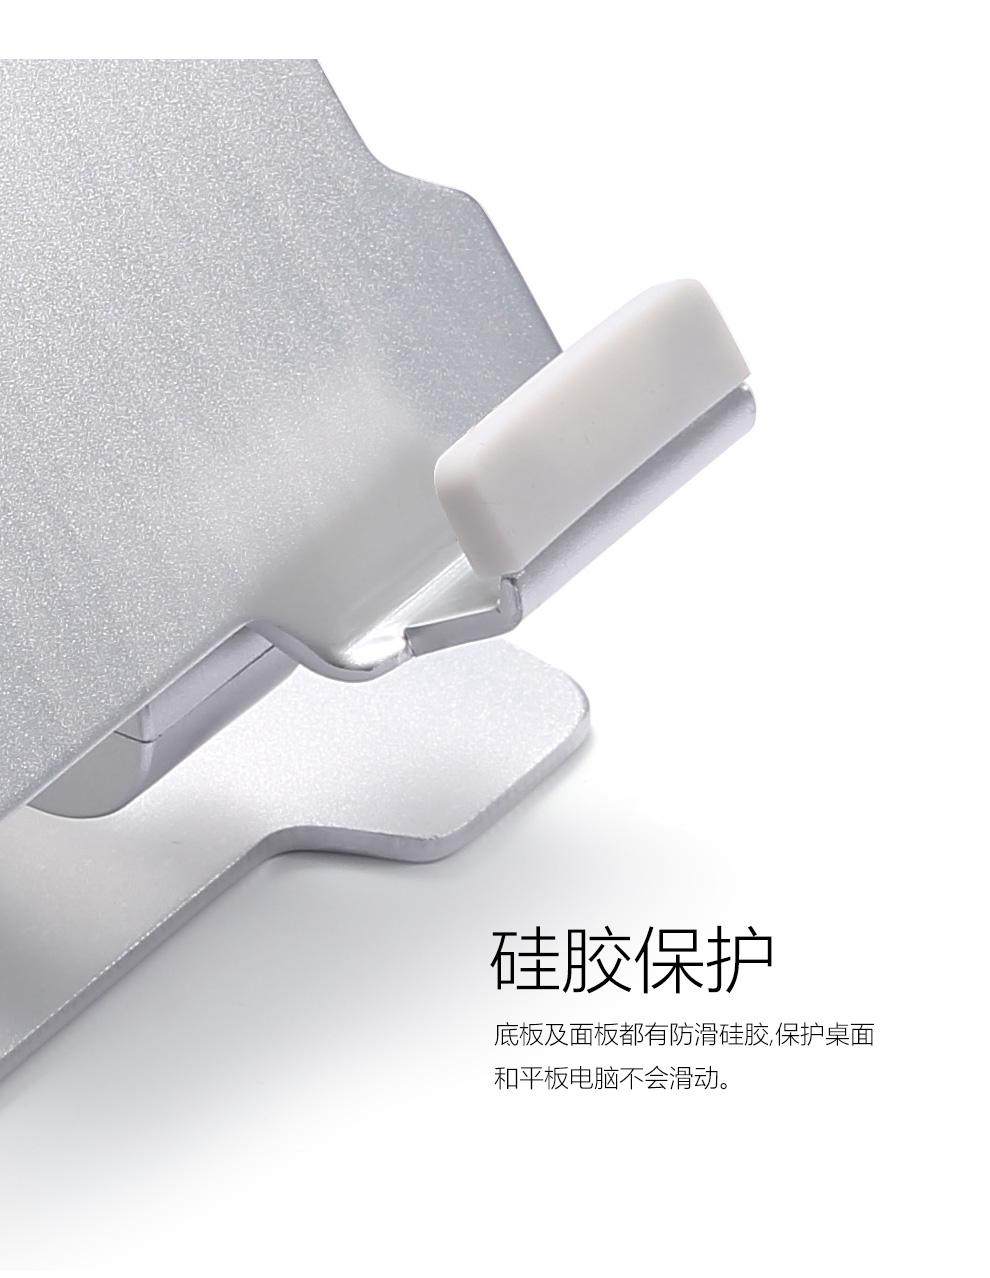 Đế tản nhiệt  iDock surface ipad - ảnh 13